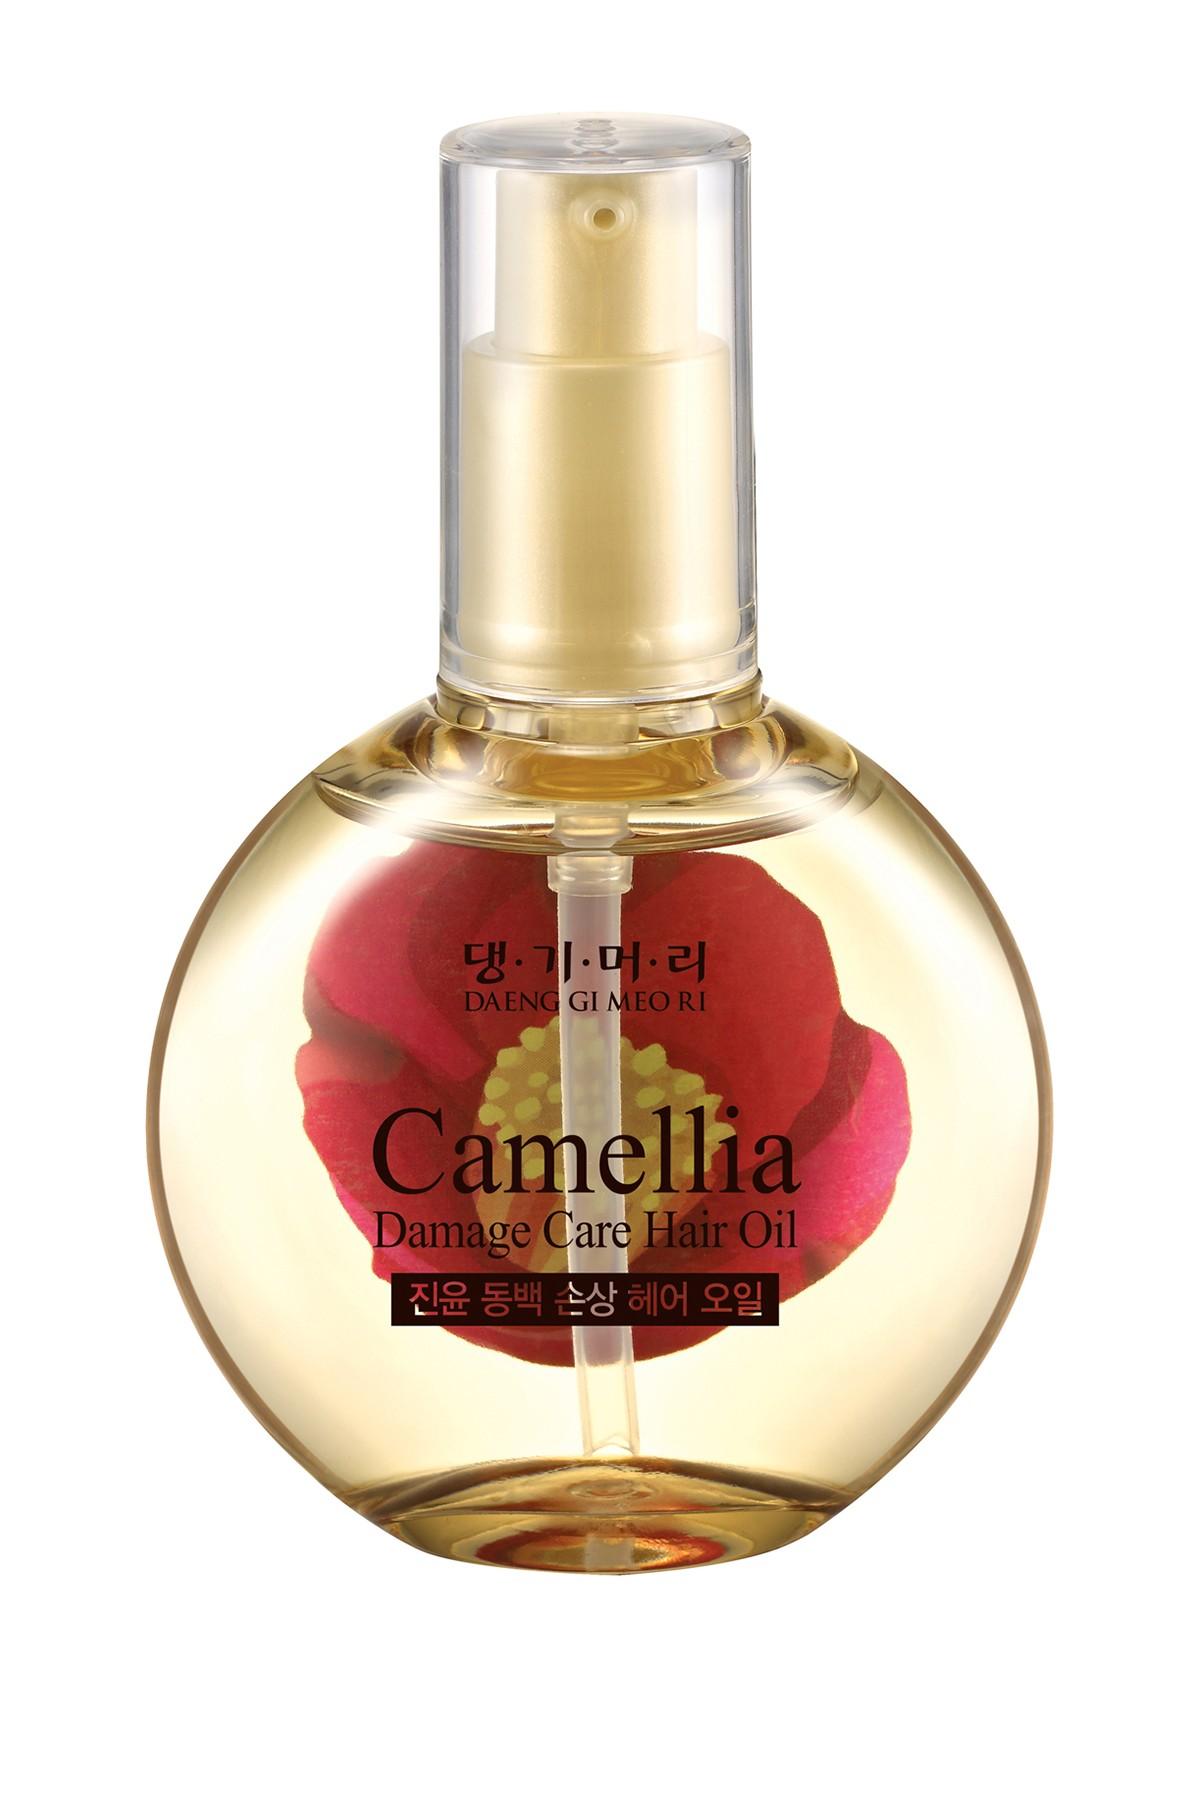 масло для поврежденных волос daeng gi meo ri camellia damage care hair oilCAMELLIA Damage Care Hair Oil. Масло для поврежденных волос<br><br>Преимущества употребления масла:<br><br><br>смягчает волосы и делает их послушными и податливыми для укладок и причесок;<br><br>восстанавливает естественный блеск волос;<br><br>помогает волосам сохранять внутреннюю влагу;<br><br>защищает волосы от загрязнений окружающей среды, являясь природным барьером;<br><br>предотвращает ломкость волос и образование секущихся кончиков;<br><br>лечит сухую кожу головы, избавляет от неприятного зуда;<br><br>прекрасно помогает в предотвращении перхоти;<br><br>способно оздоровить волосы после «химии» и окрашивания.<br><br><br>В состав масла входят следующие вещества:<br><br><br>витамины А, В, Е;<br><br>жирные кислоты: олеиновая, пальмитиновая, линолевая, стеариновая, эруковая, линоленовая, бегеновая и другие;<br><br>биофлавоноиды;<br><br>сквален, добытый из растительных масел;<br><br>тритерпены;<br><br>полифенолы;<br><br>минералы: марганец, железо, кальций, фосфор, магний.<br><br><br>Масло камелии отлично усваивается человеческой кожей и волосами, поэтому его можно применять вместо кондиционера.<br><br>Применение:<br><br>1. Для защиты и увлажнения волос. После мытья головы несколько капель масла растереть в ладонях и нанести поглаживающими движениями на всю длину влажных волос. Массирующими движениями втереть масло камелии в корни, чуть больше средства нанести на сухие кончики. Сушить локоны естественным образом, не используя фен. Данный способ подходит для иссушенных, окрашенных, обесцвеченных волос.Судя по отзывам, это наиболее быстрый и эффективный способ восстановить поврежденные волосы и защитить их от внешних факторов.<br><br>2. Увлажняющая маска. На сухие волосы перед гигиеническими процедурами нанести теплое масло камелии на корни, распределить по коже головы и всей длине волос. Особое внимание нужно уделить кончикам и коже. Укутать волосы в полиэтилен и теплое полотенце на 0,51,5 часа. 